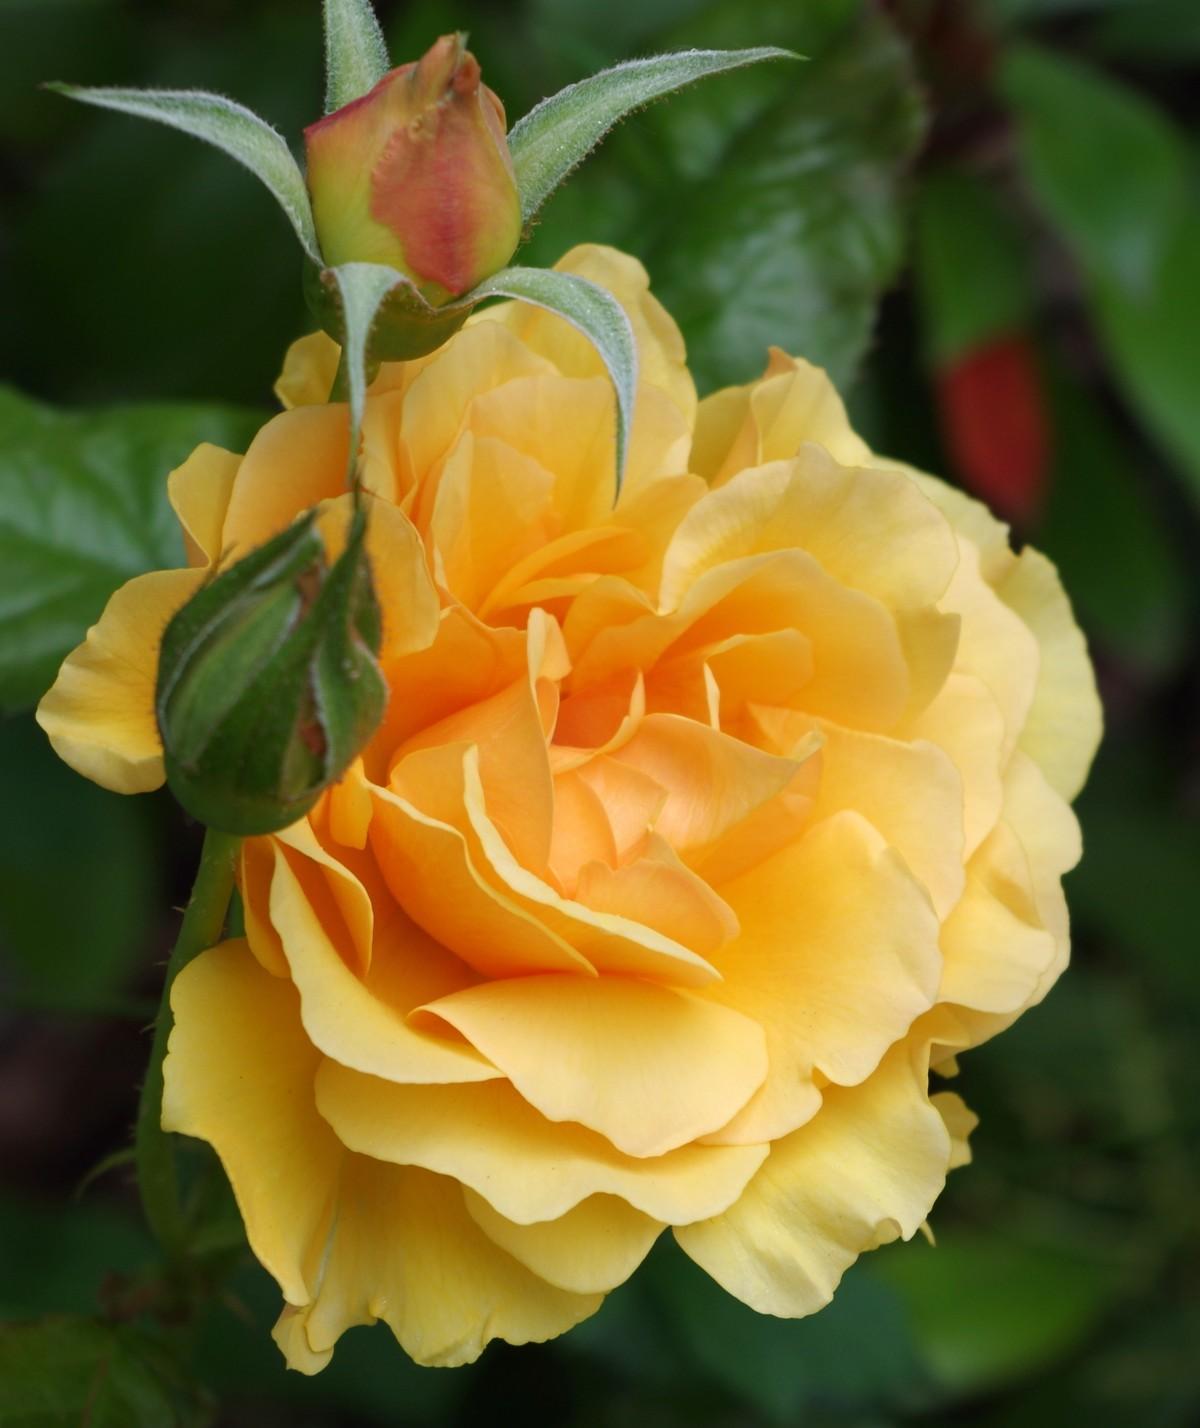 Garden Roses Flower Petal: Free Images : Nature, Flower, Petal, Orange, Park, Botany